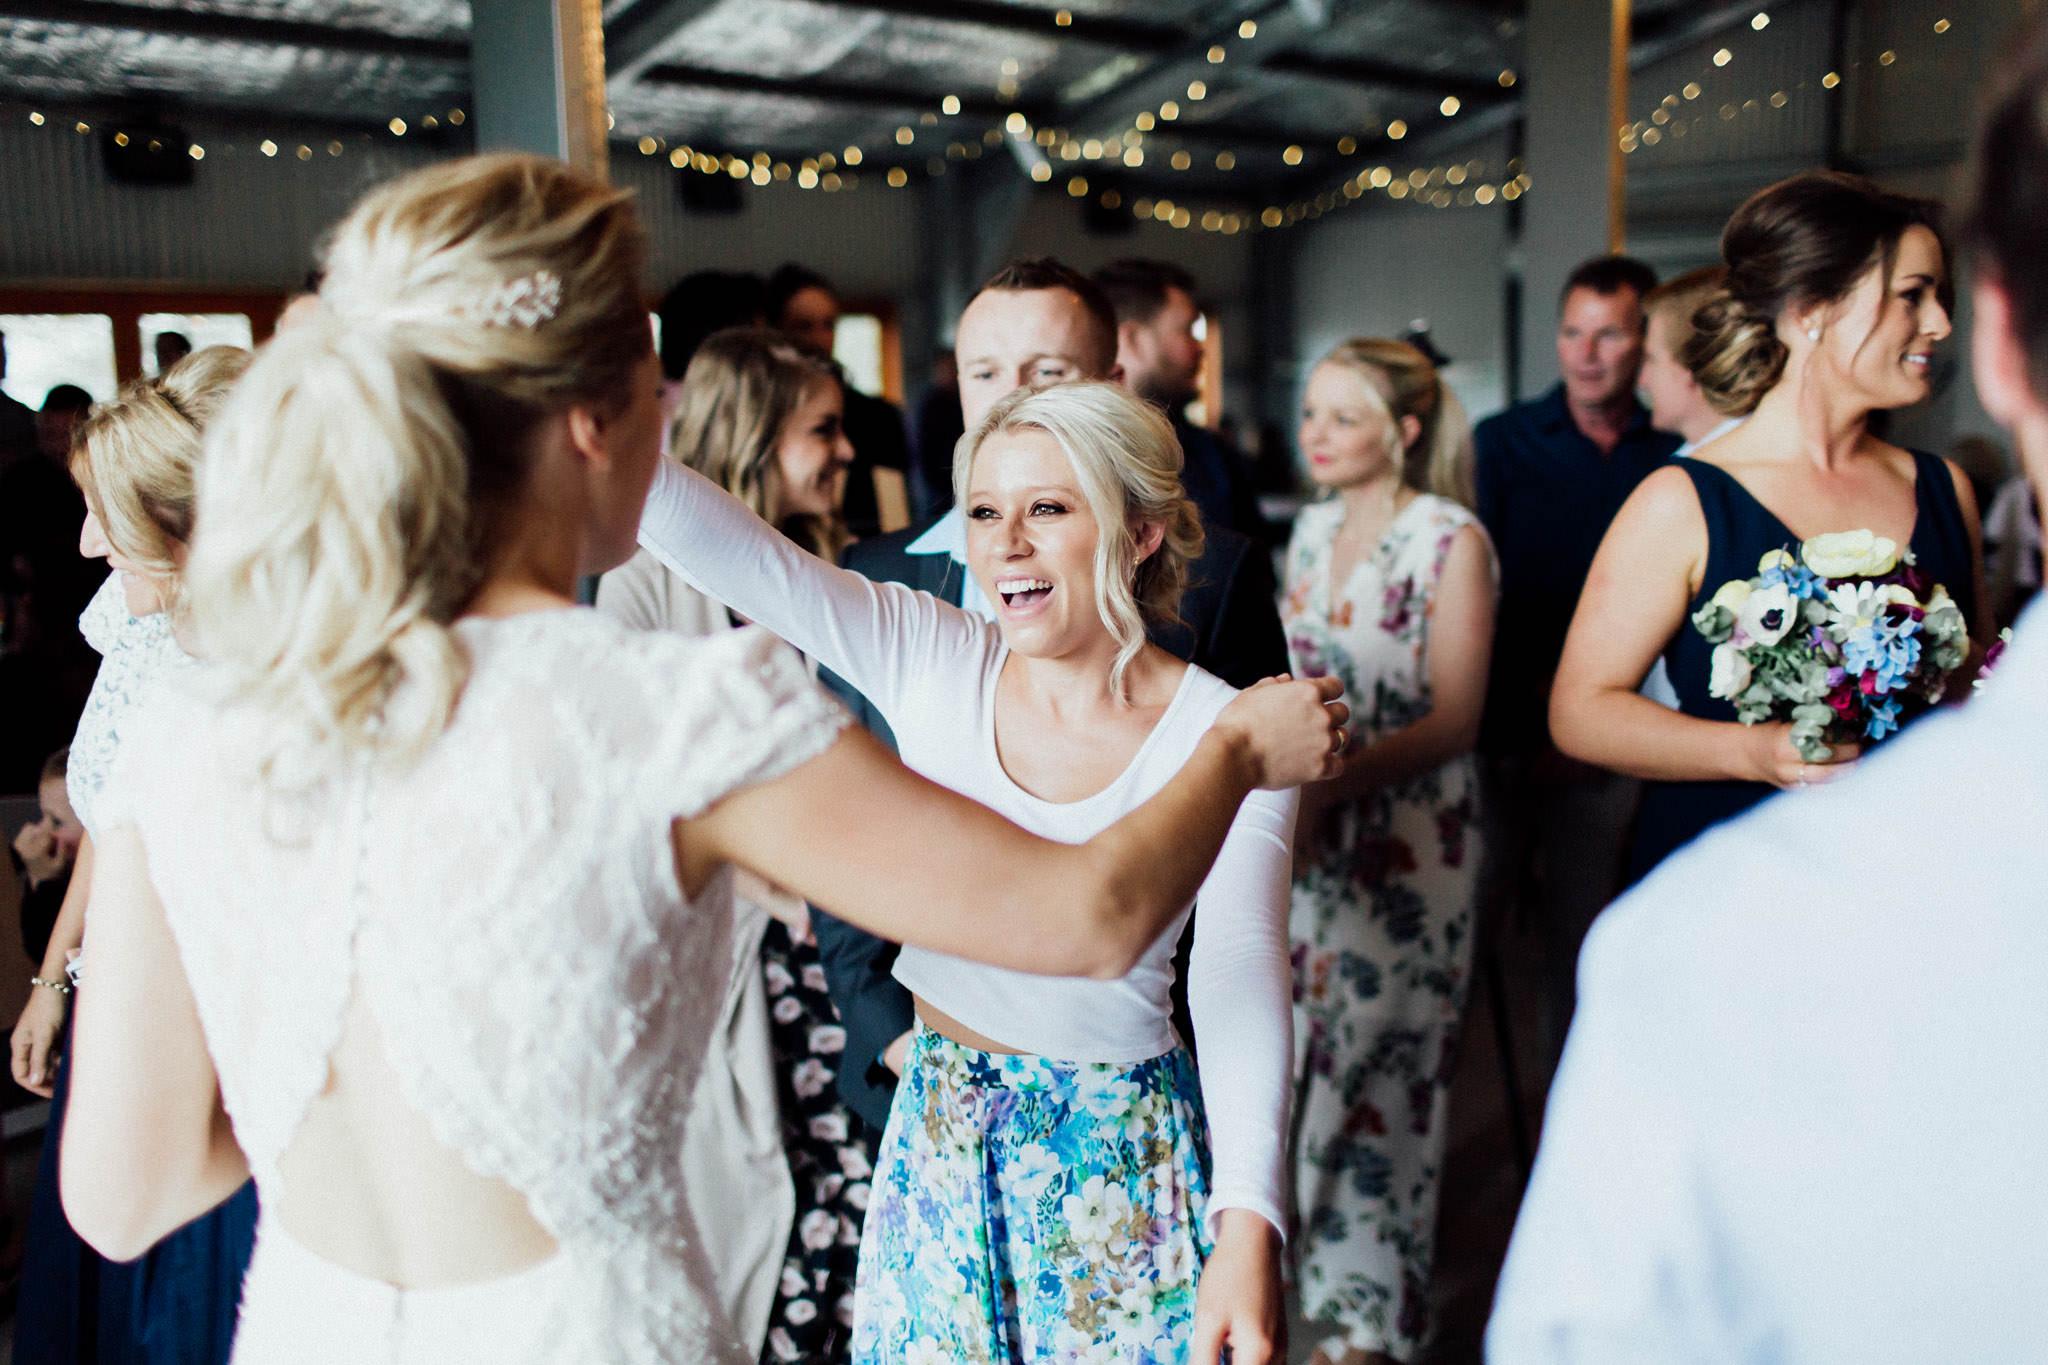 WeddingPhotos_Facebook_2048pixels-1360.jpg